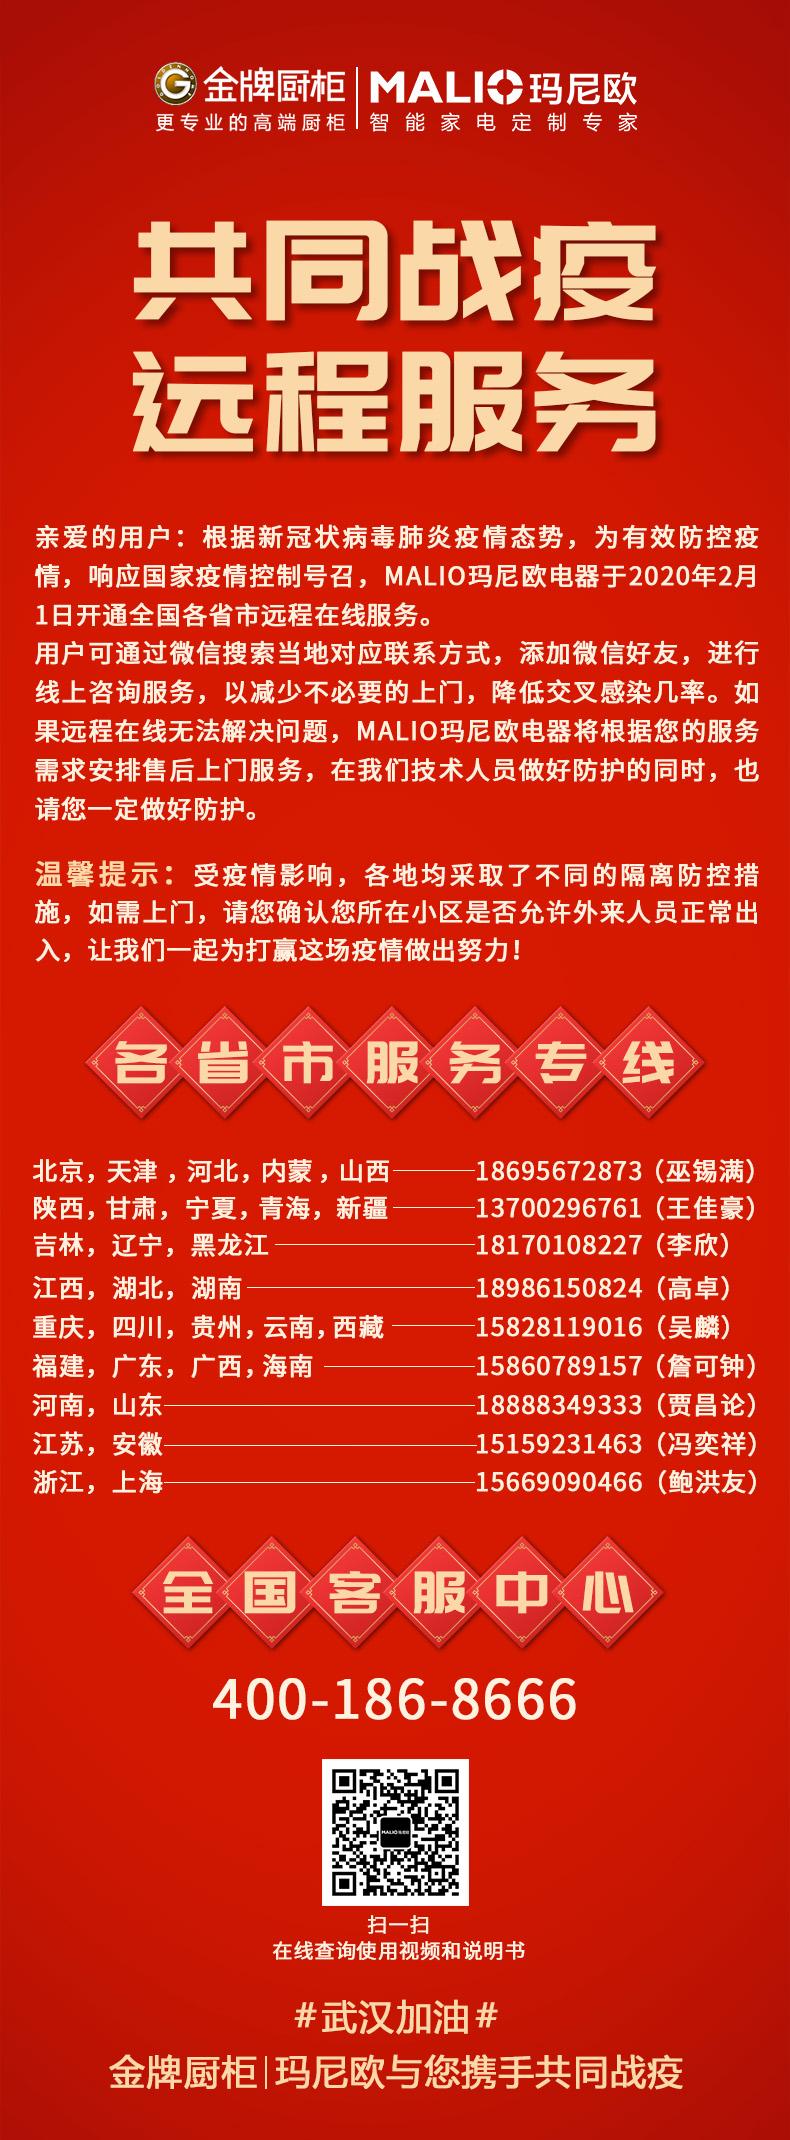 微信图片_20200205170735.jpg